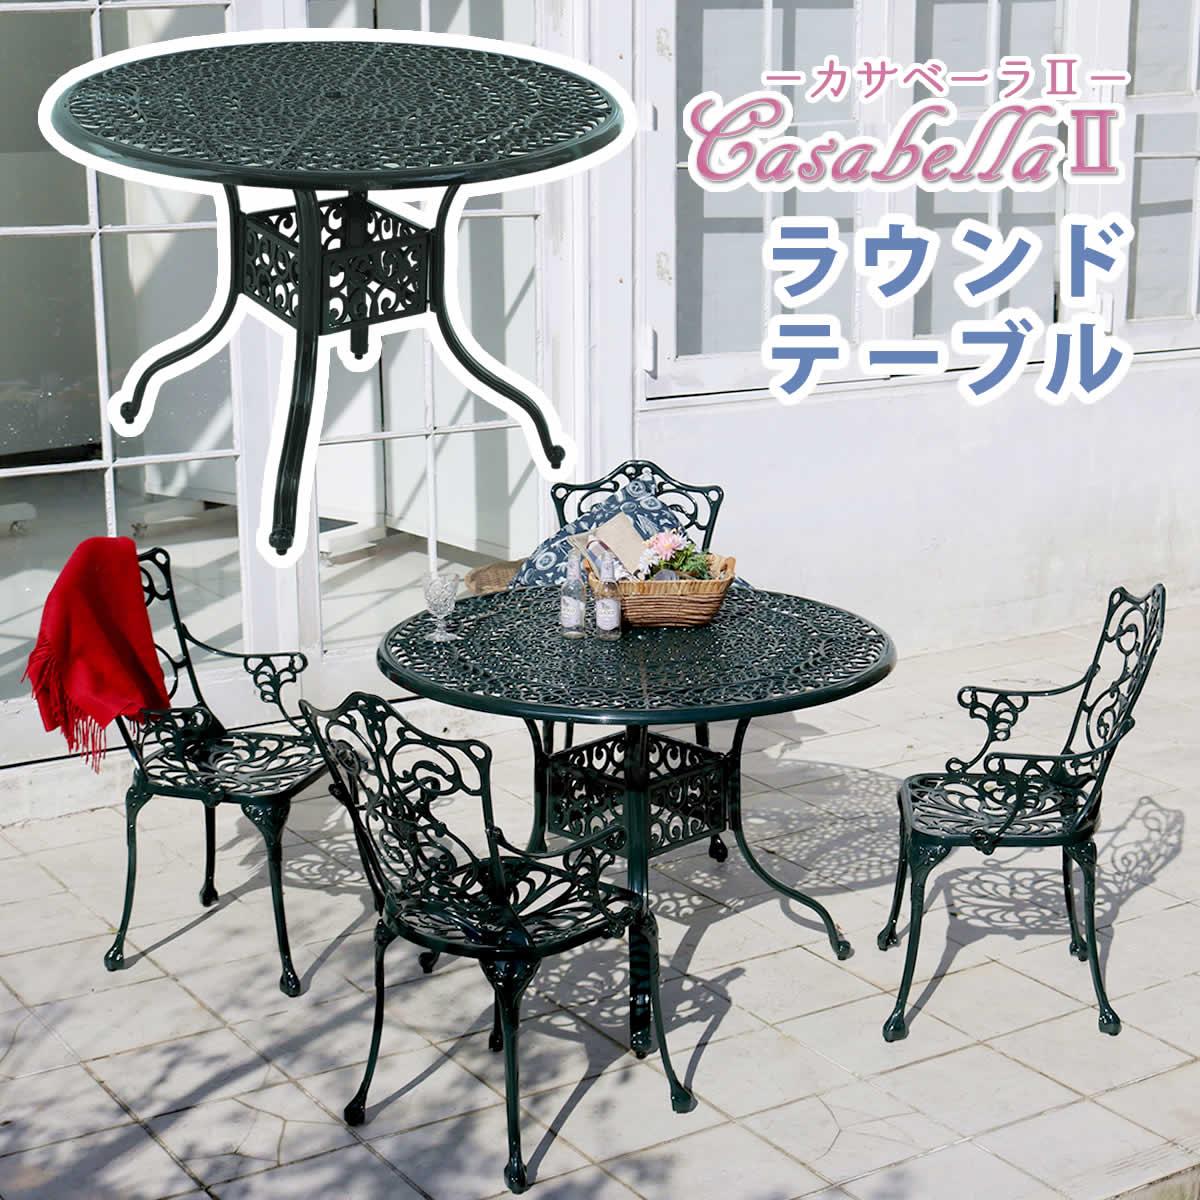 カサベーラ2 ラウンドテーブル送料無料 簡単組立 ガーデンテーブル ダークグリーン テラス 庭 ウッドデッキ アルミ アンティーク クラシカル イングリッシュガーデン ファニチャー シンプル 北欧 インテリア 家具 ガーデン カフェ